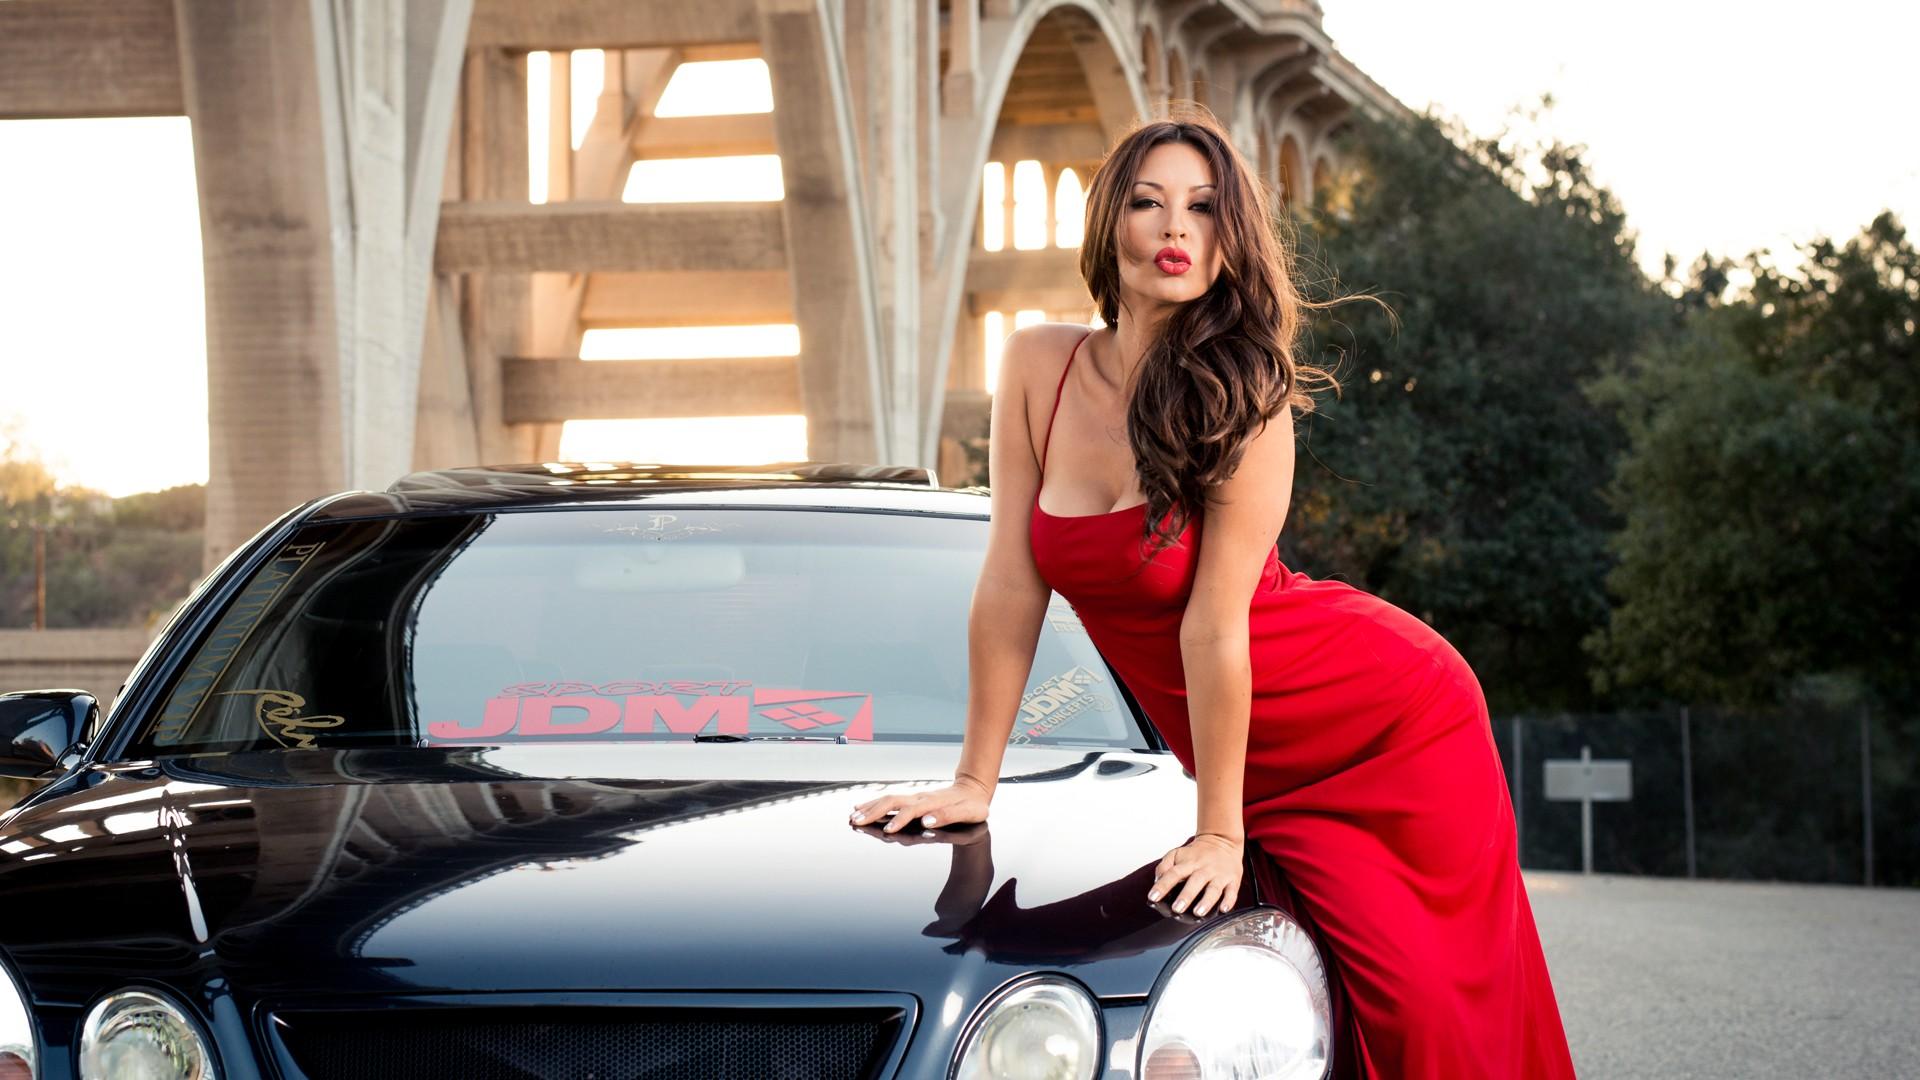 Melyssa Grace y auto - 1920x1080